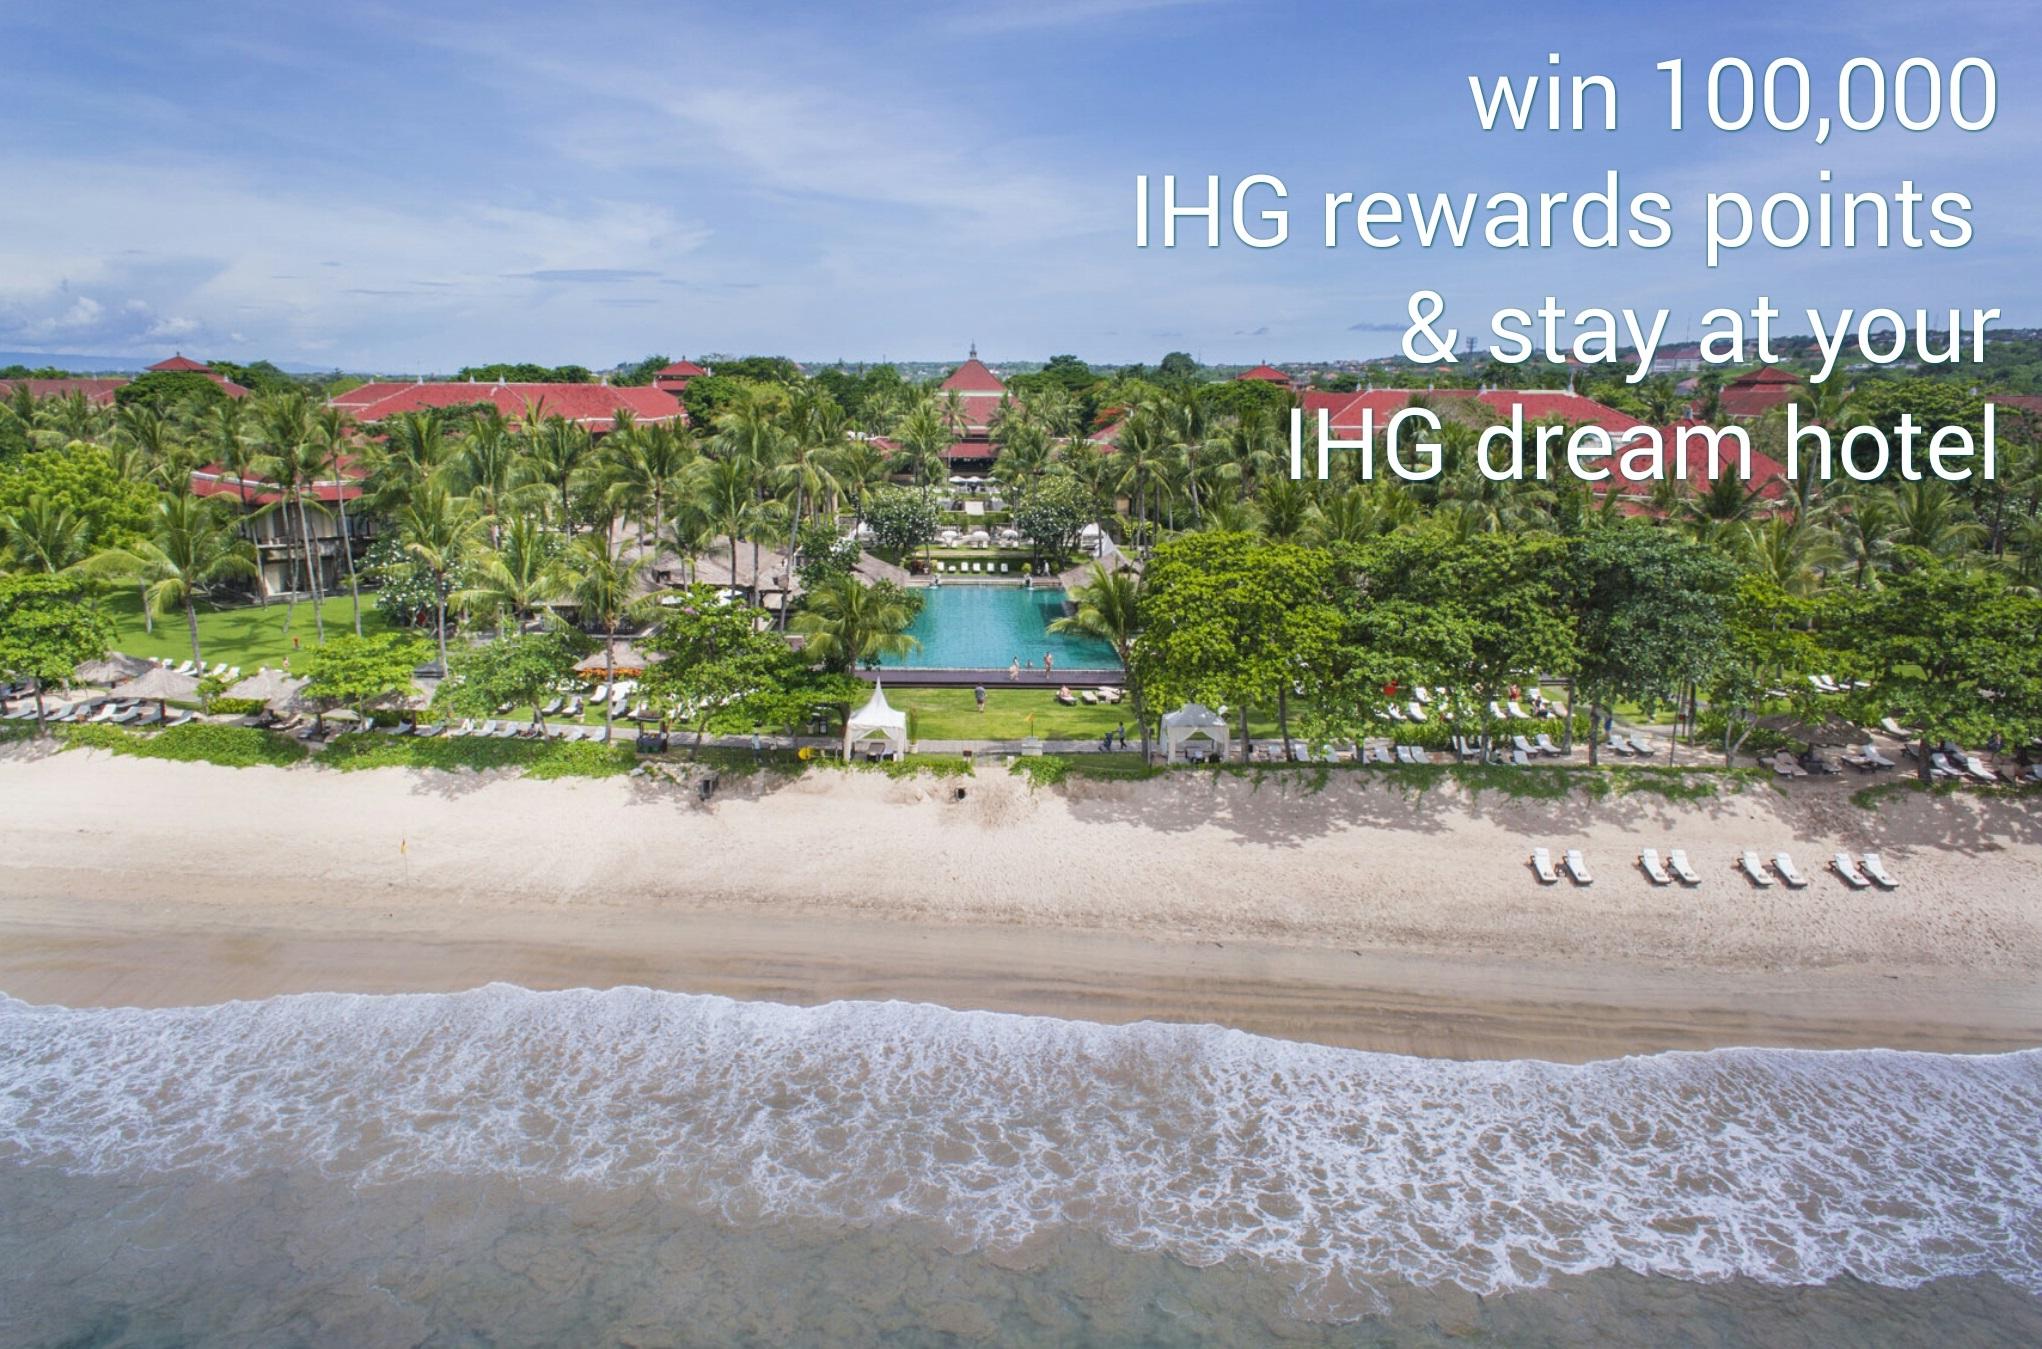 Getting closer to get 100,000 IHG Rewards Points